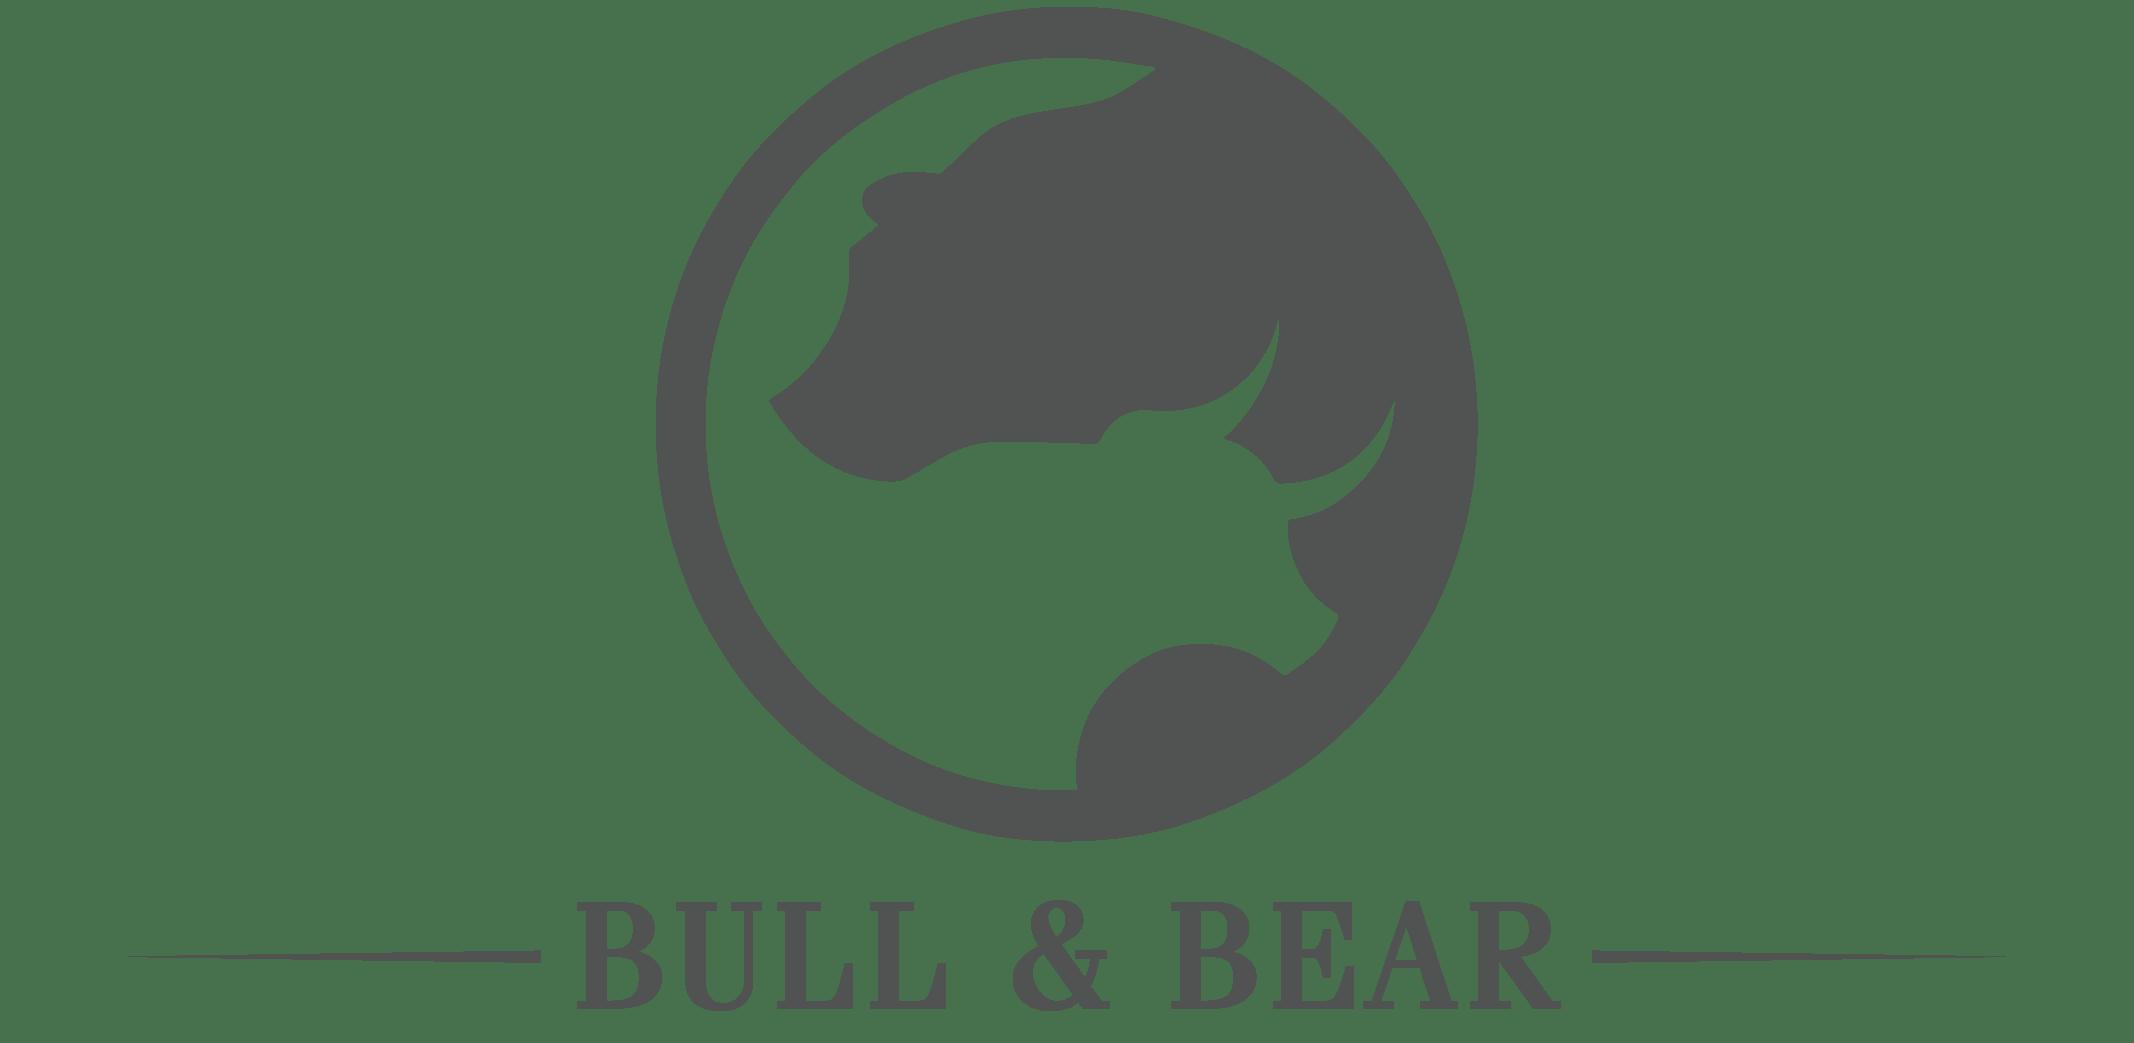 Bull and Bear brand logo